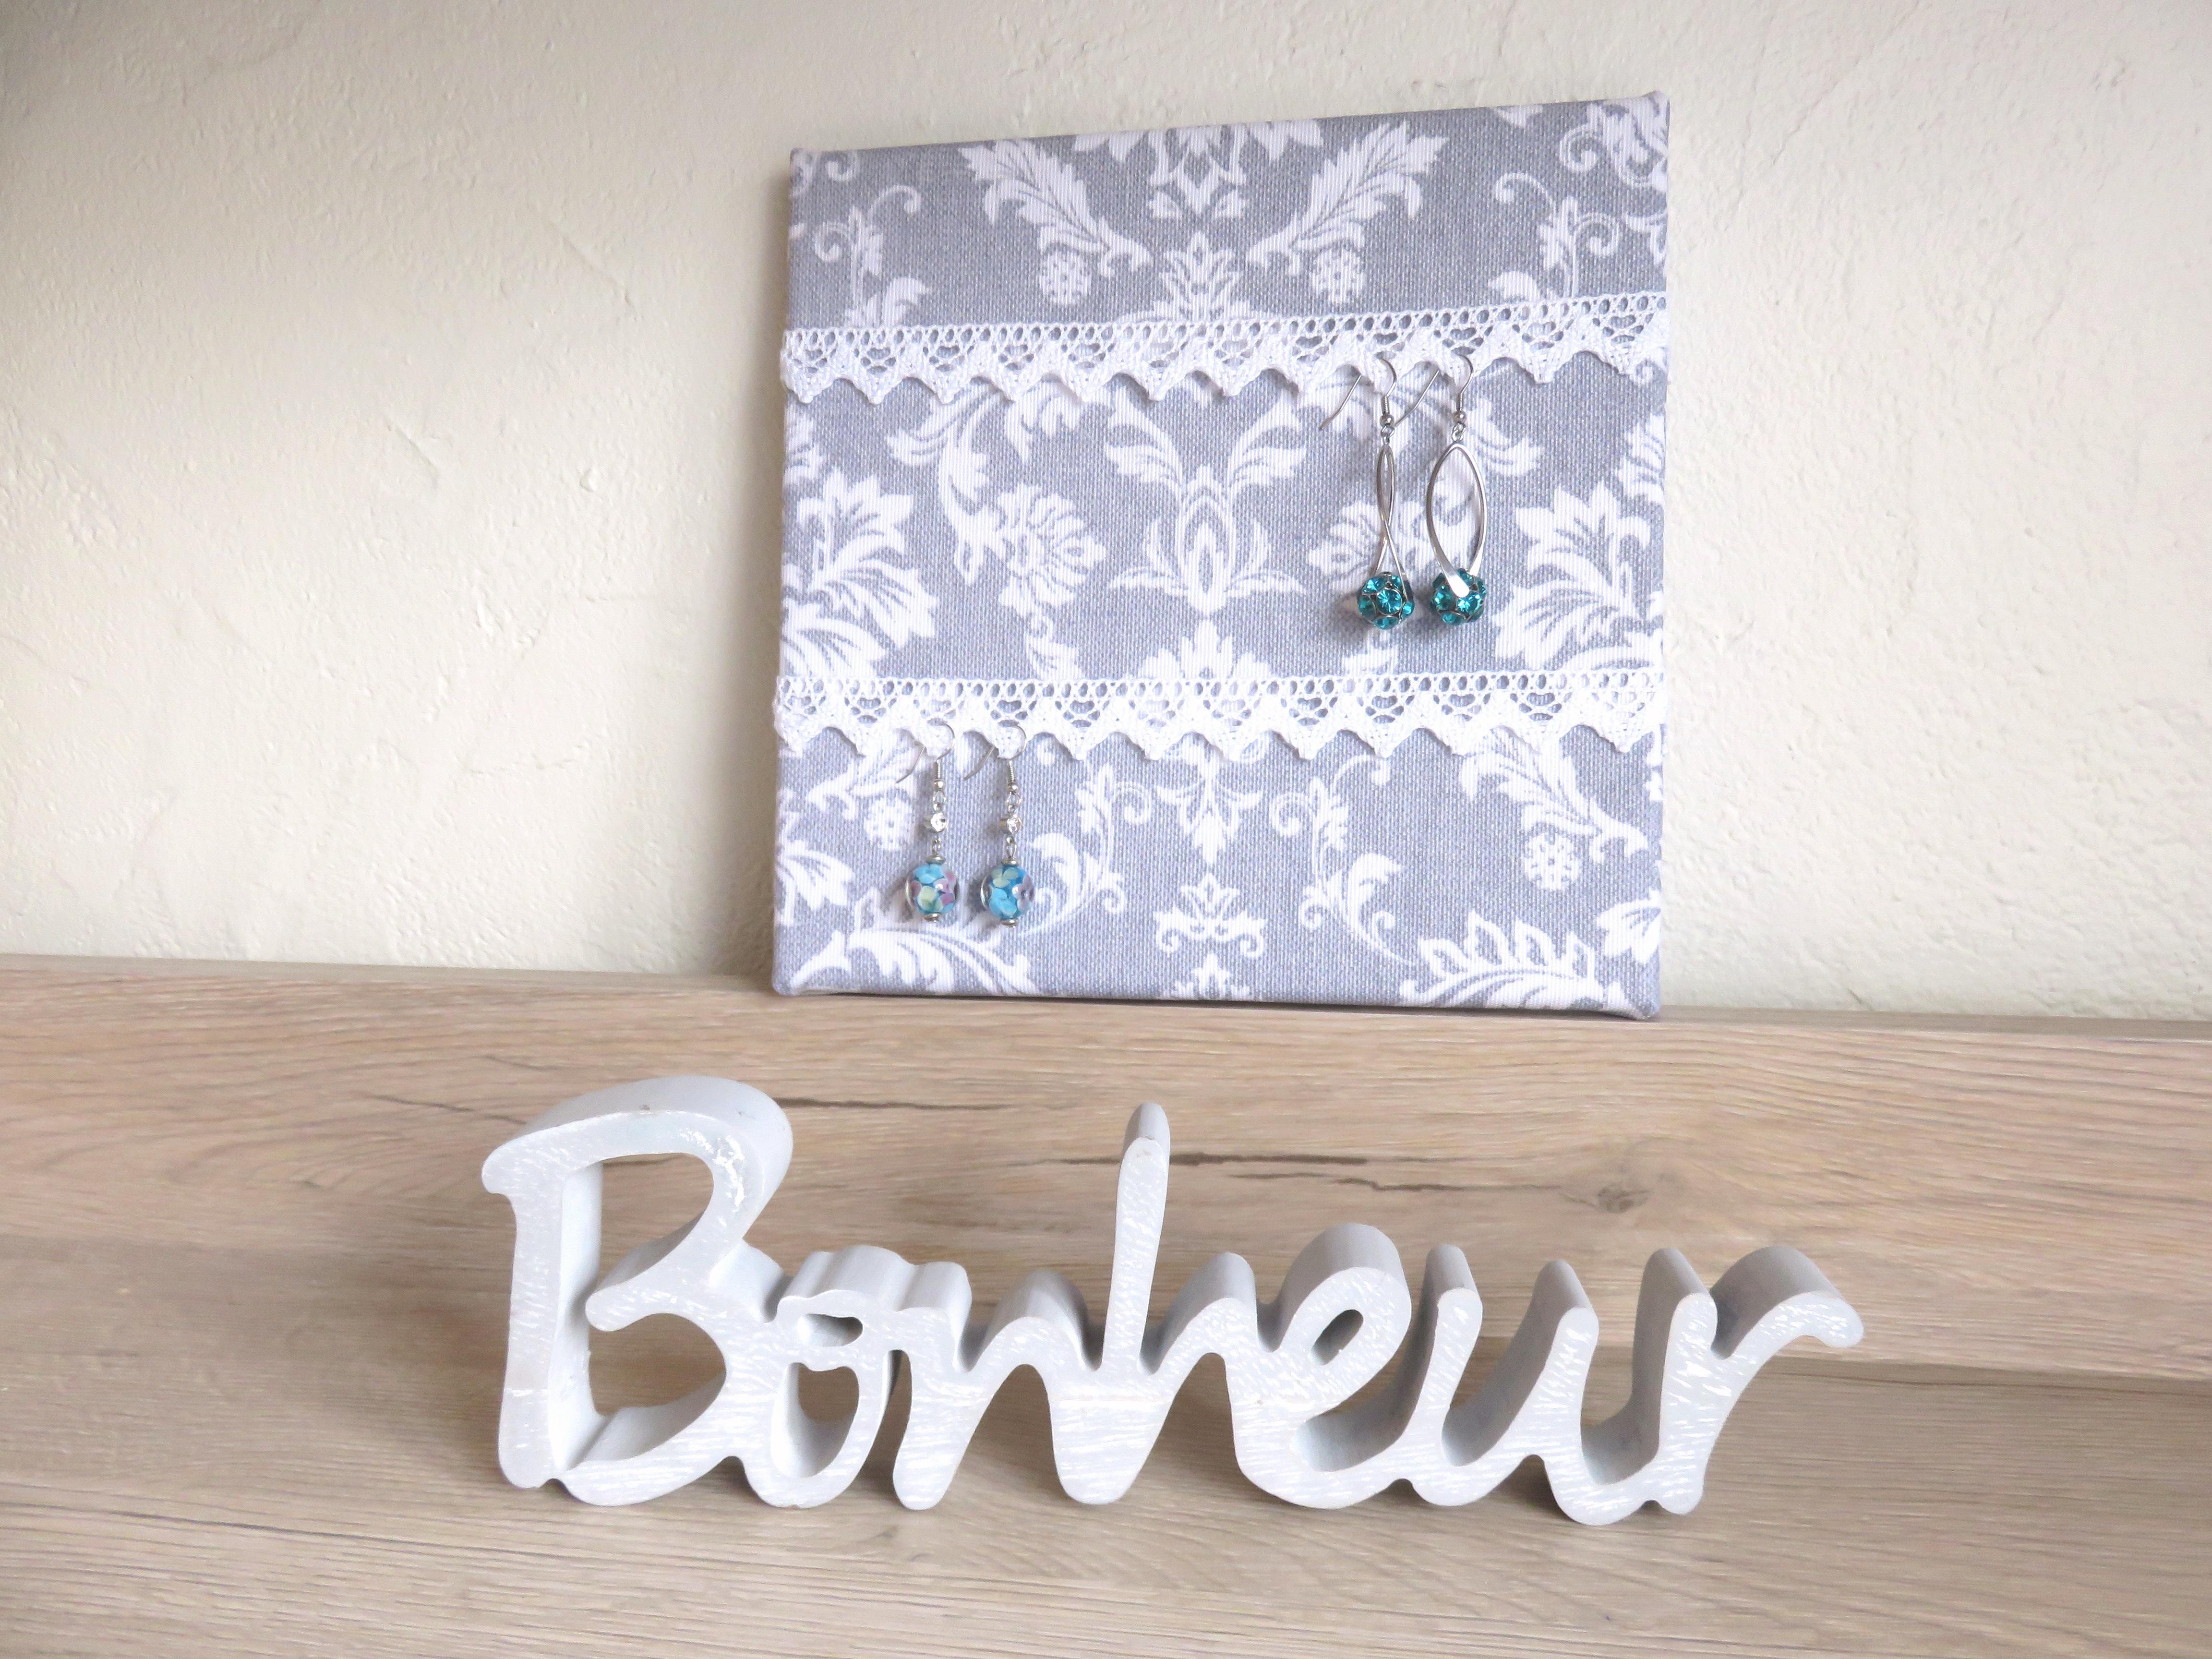 cadre porte bijoux tissu baroque gris dentelle blanche maison et deco suspensions murales. Black Bedroom Furniture Sets. Home Design Ideas